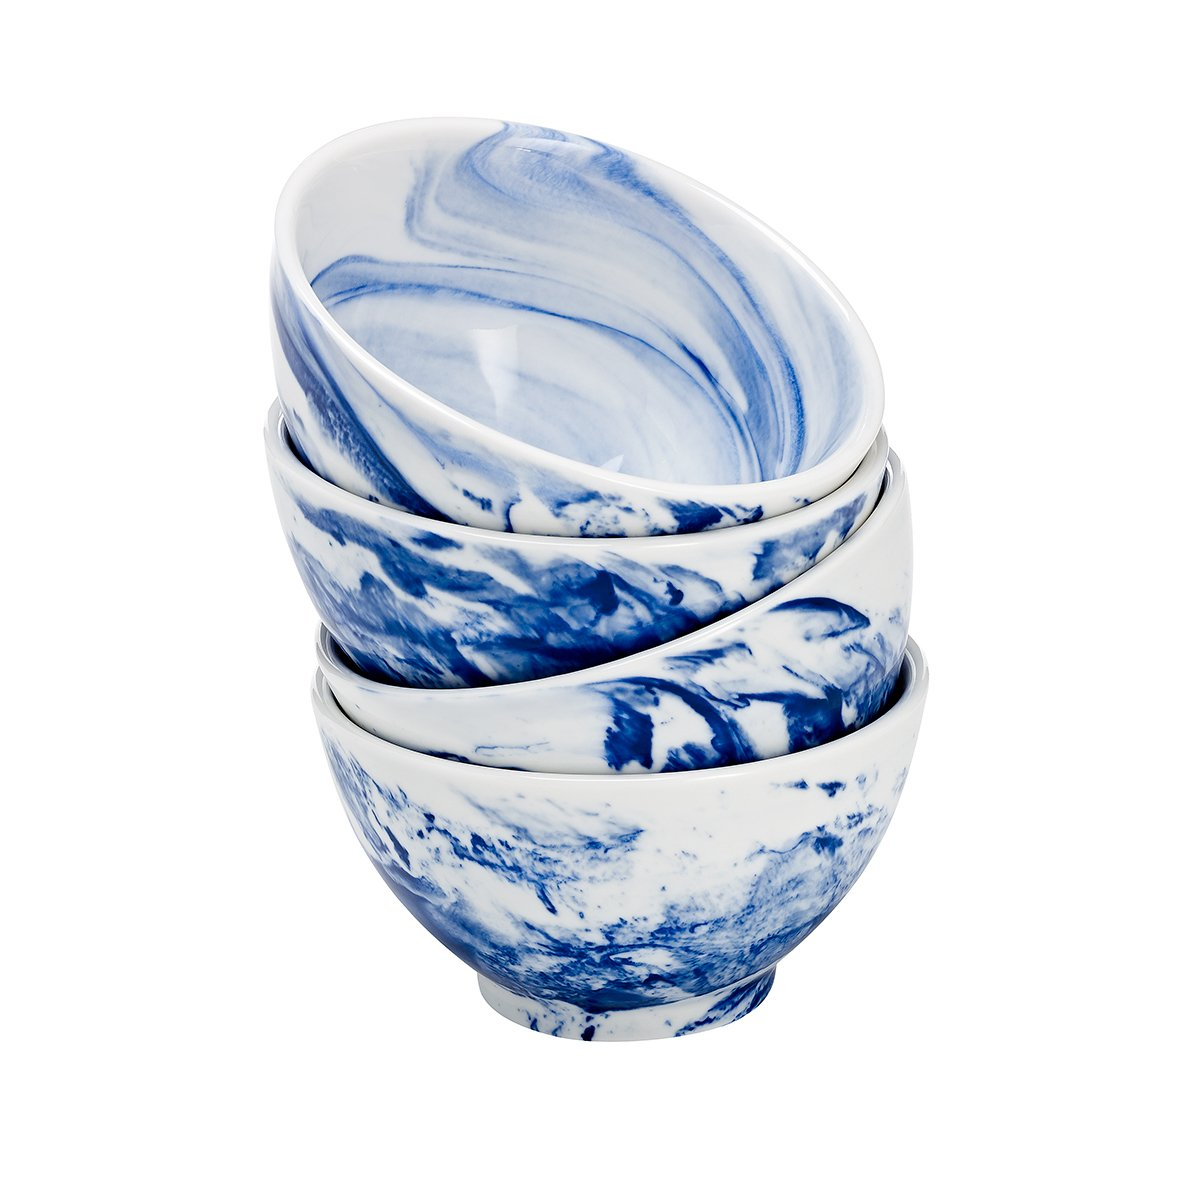 overandback 809714 Marble Finish Bowls, Set of 4, Blueberry